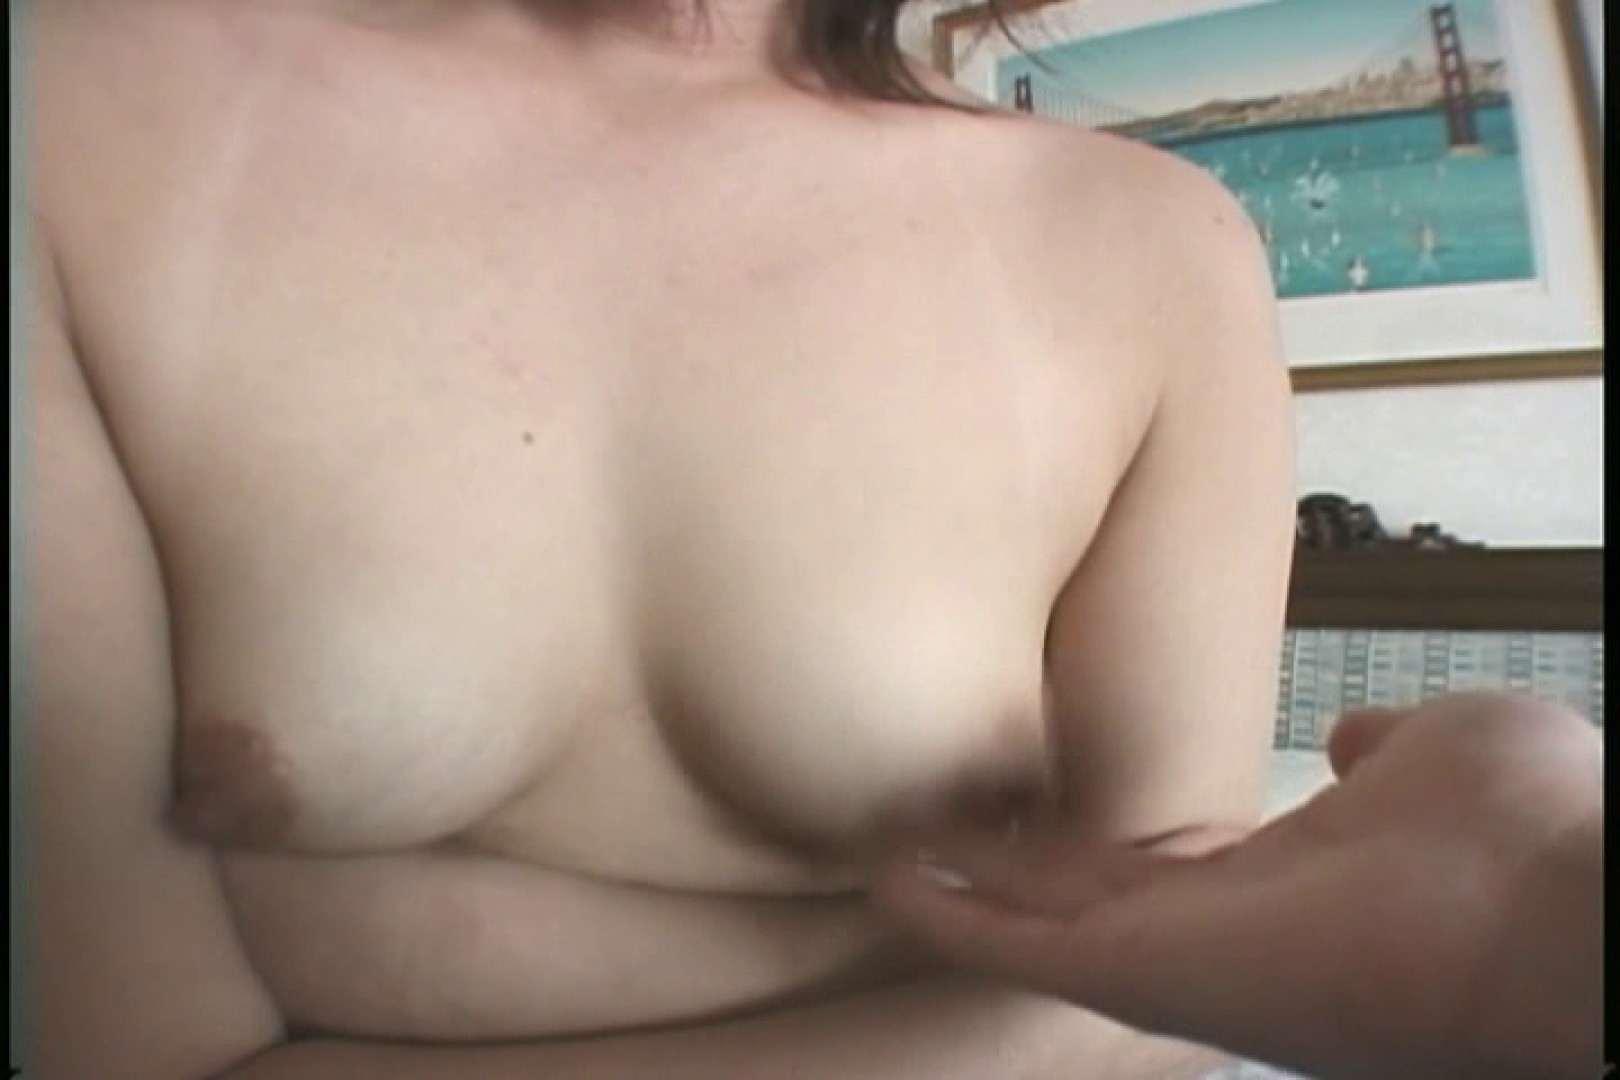 初めてのビデオ撮影に緊張する素人OLとセックス~武田じゅん~ 素人 | ギャル達のセックス  82画像 46